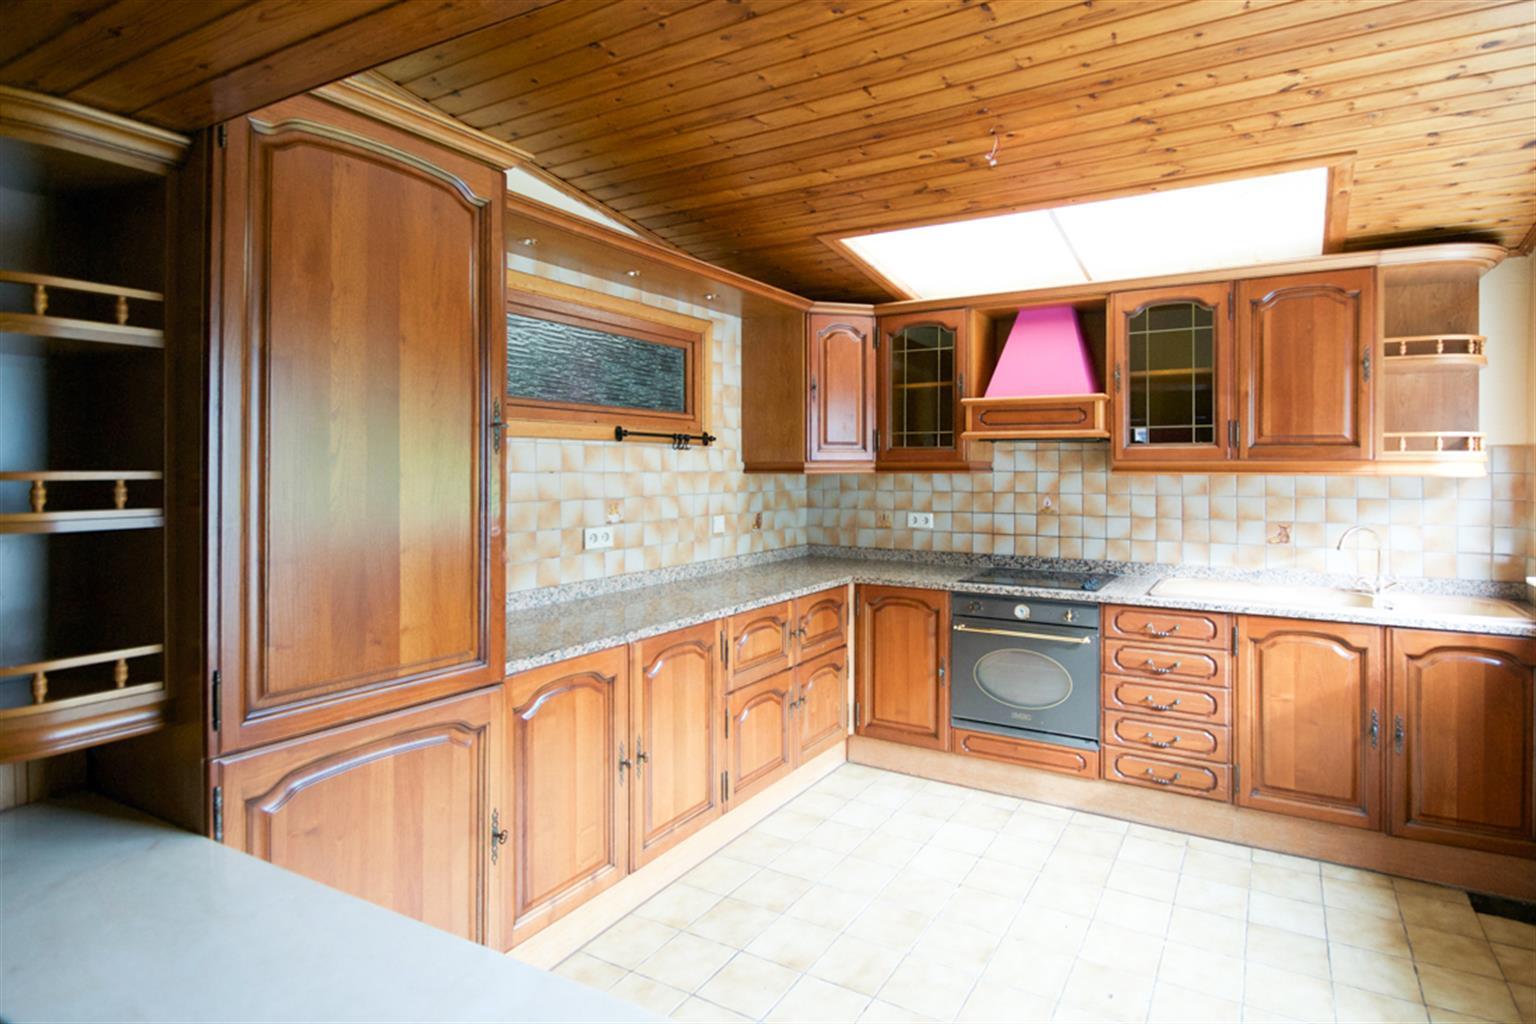 Maison - Carnières - #3517407-3